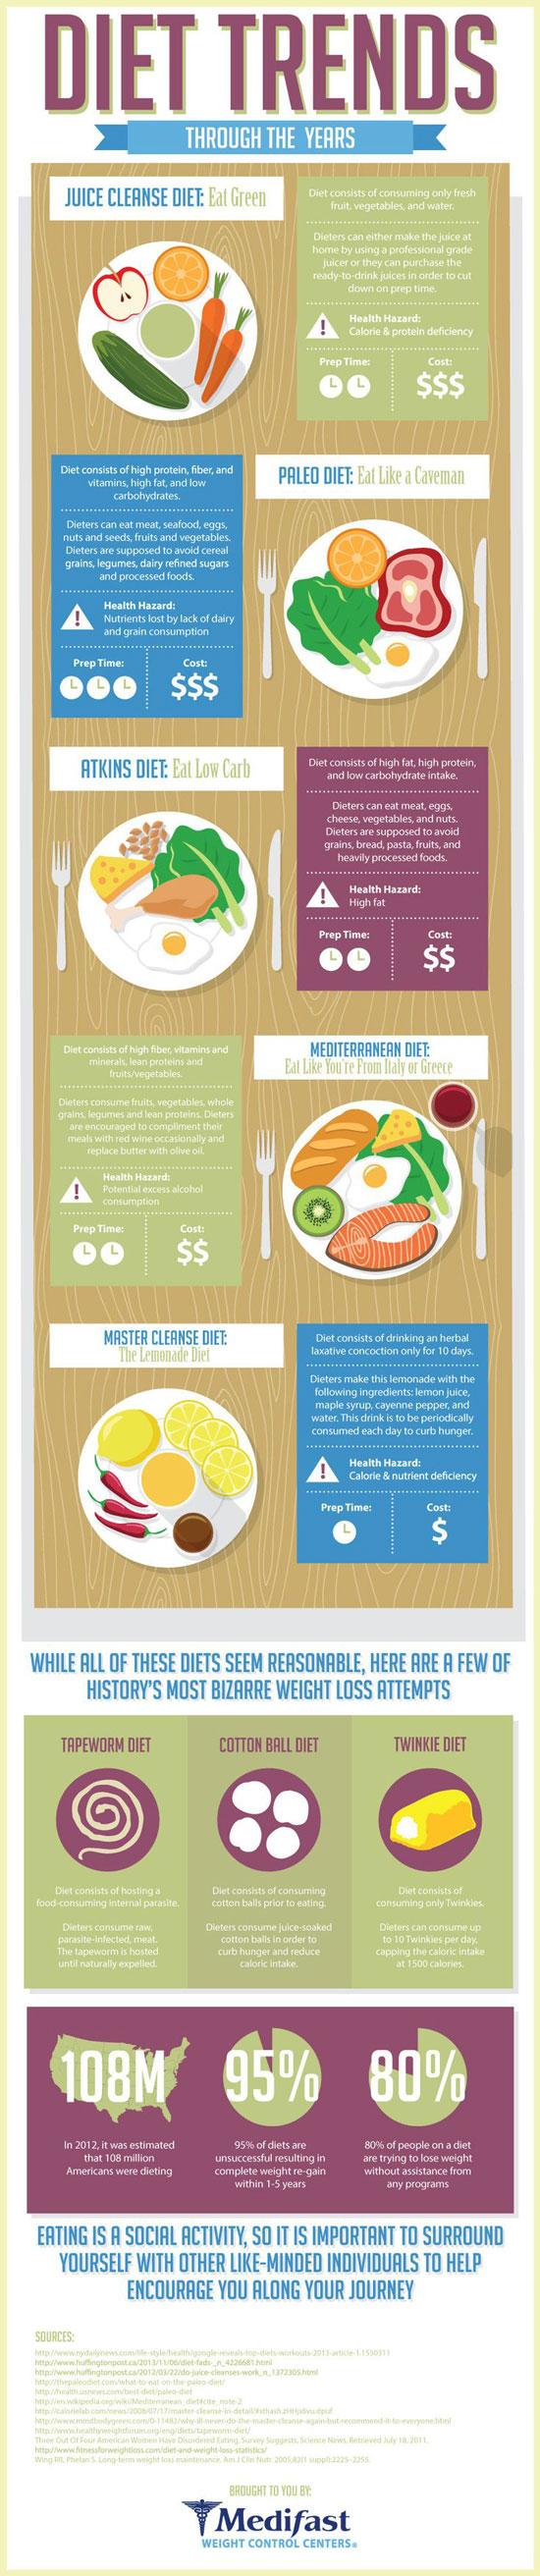 diet-trends